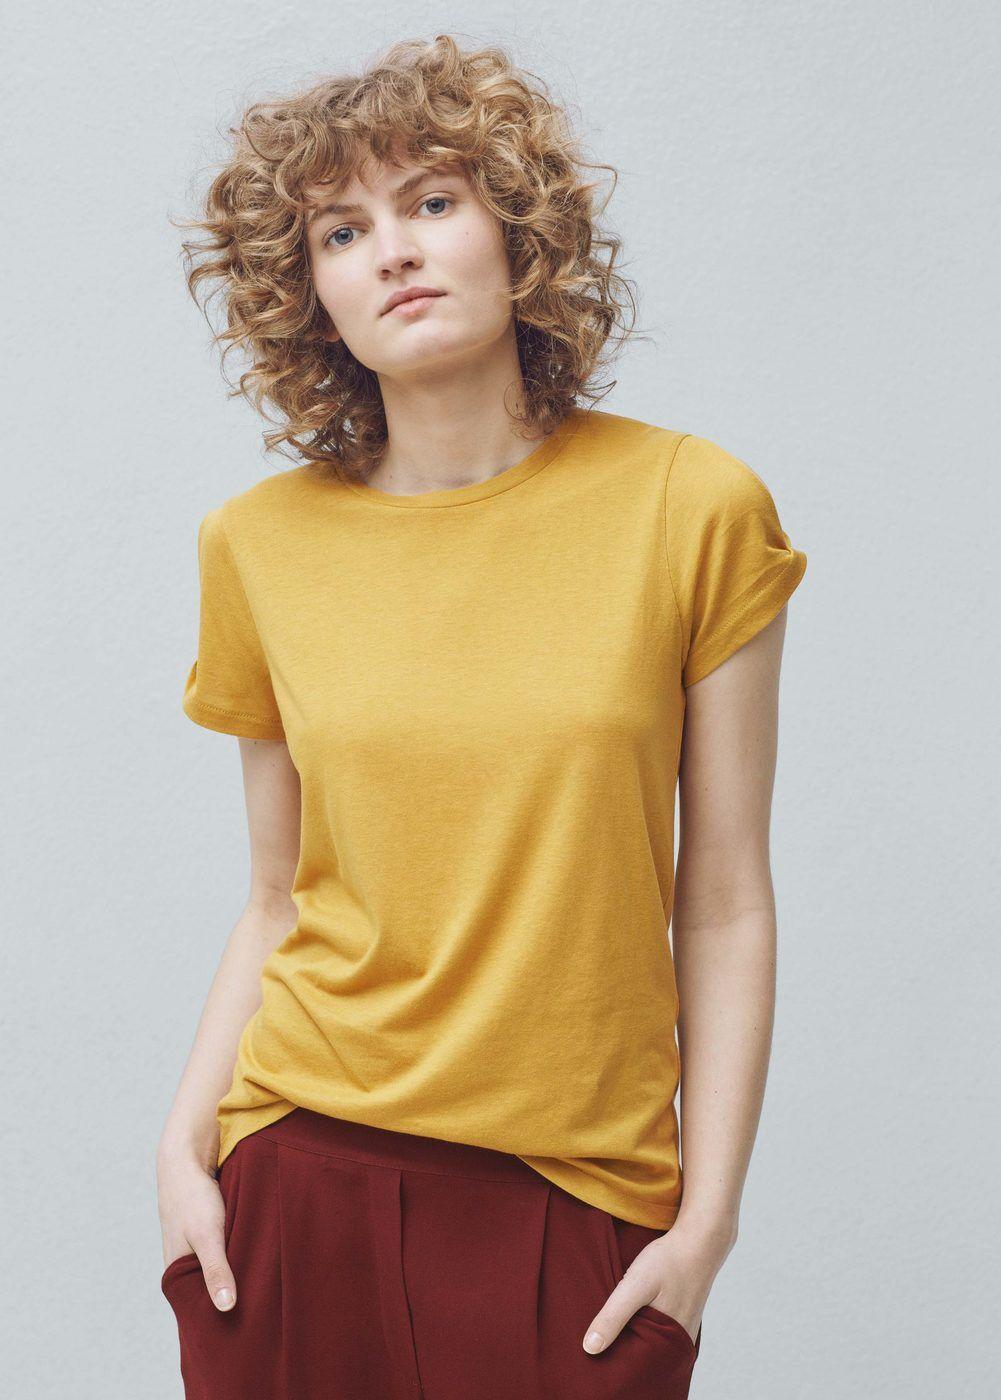 89013c88 Modal t-skjorte i bomull - T-skjorter for Damer | MANGO Norge.fin farge,bra  materiale,usikker på lengda(lang!) og snittet(åpne skuldre)